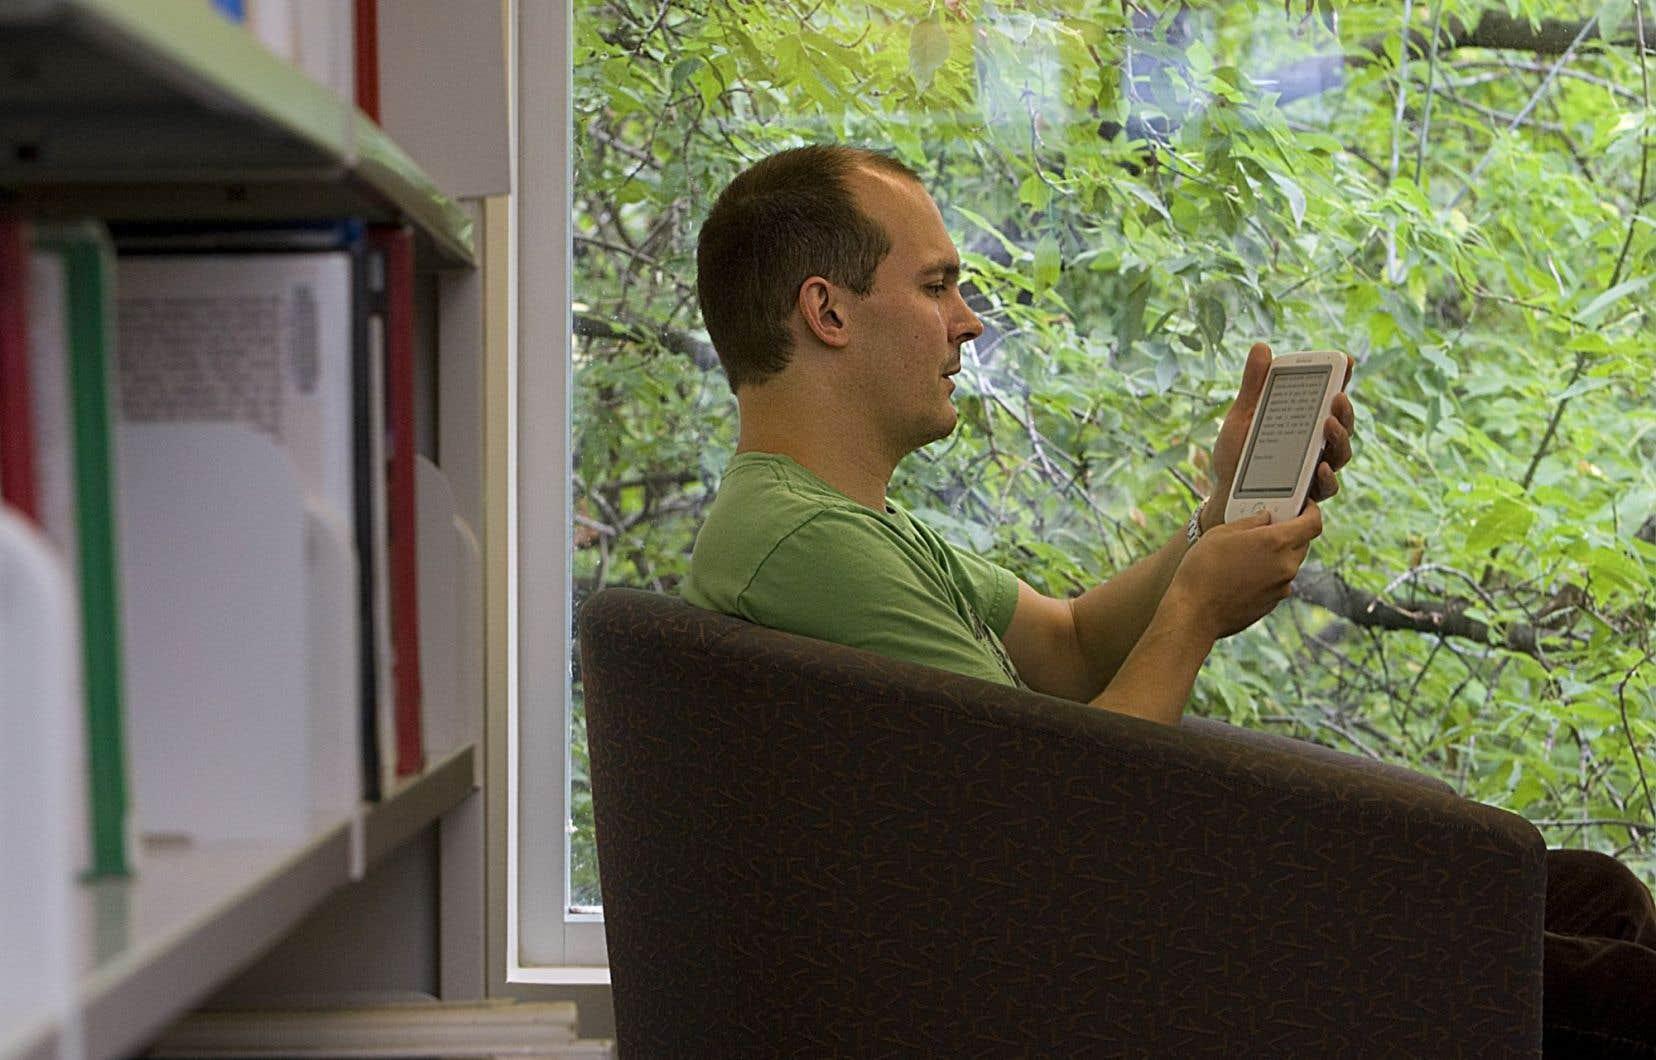 Le livre numérique est généralement deux fois plus taxé que le livre papier.